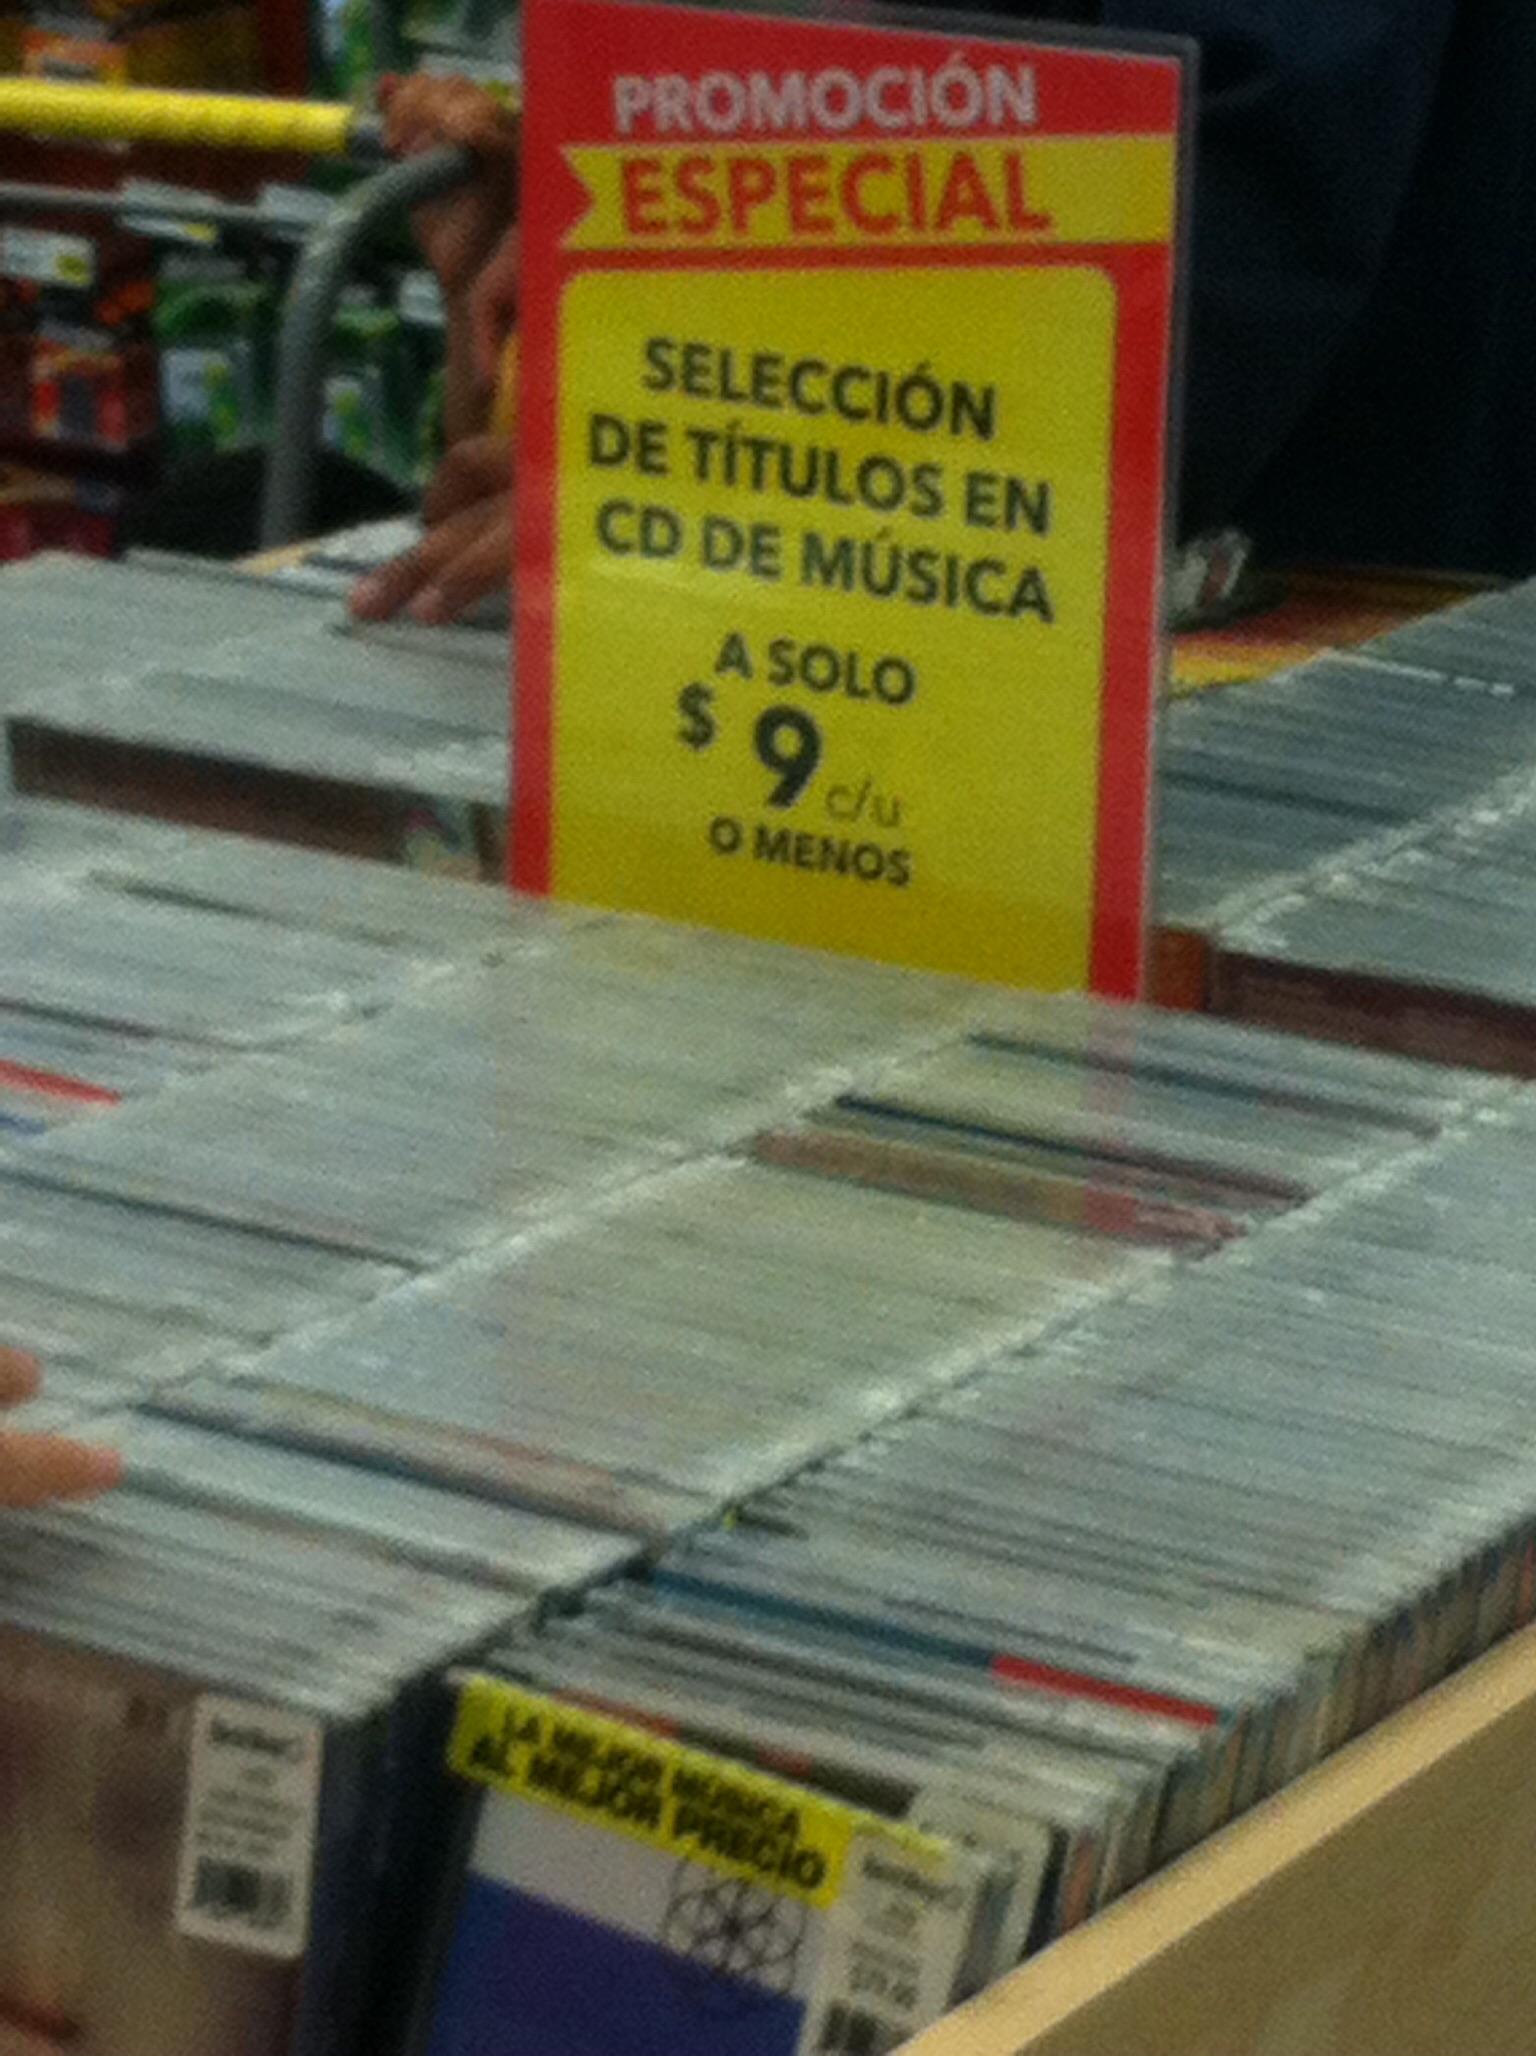 Best Buy: Discos de música en solo $9 pesos